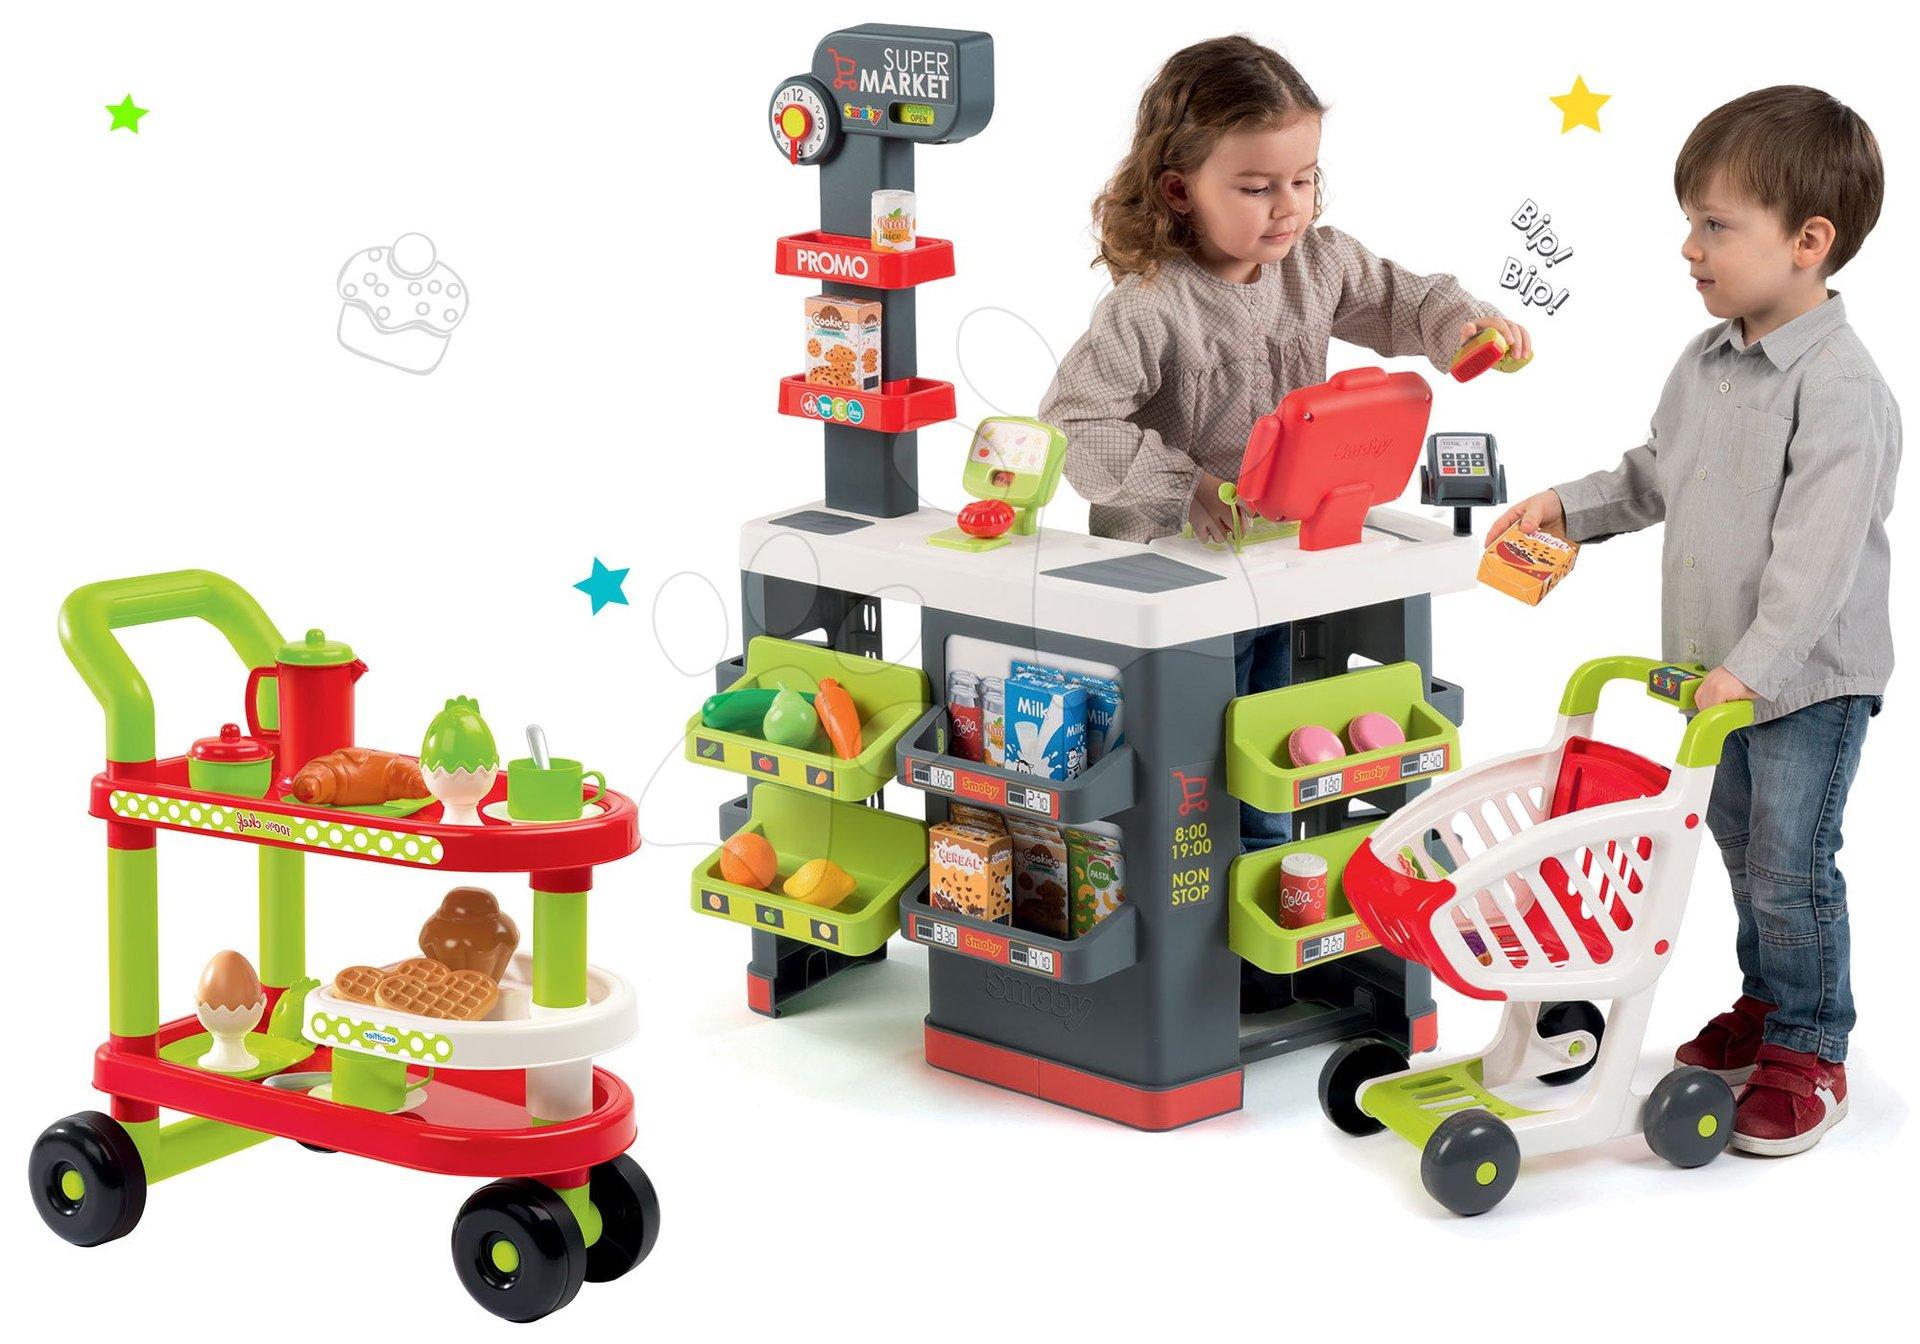 Smoby set obchod Supermarket s pokladnou a servírovací vozík 350213-21